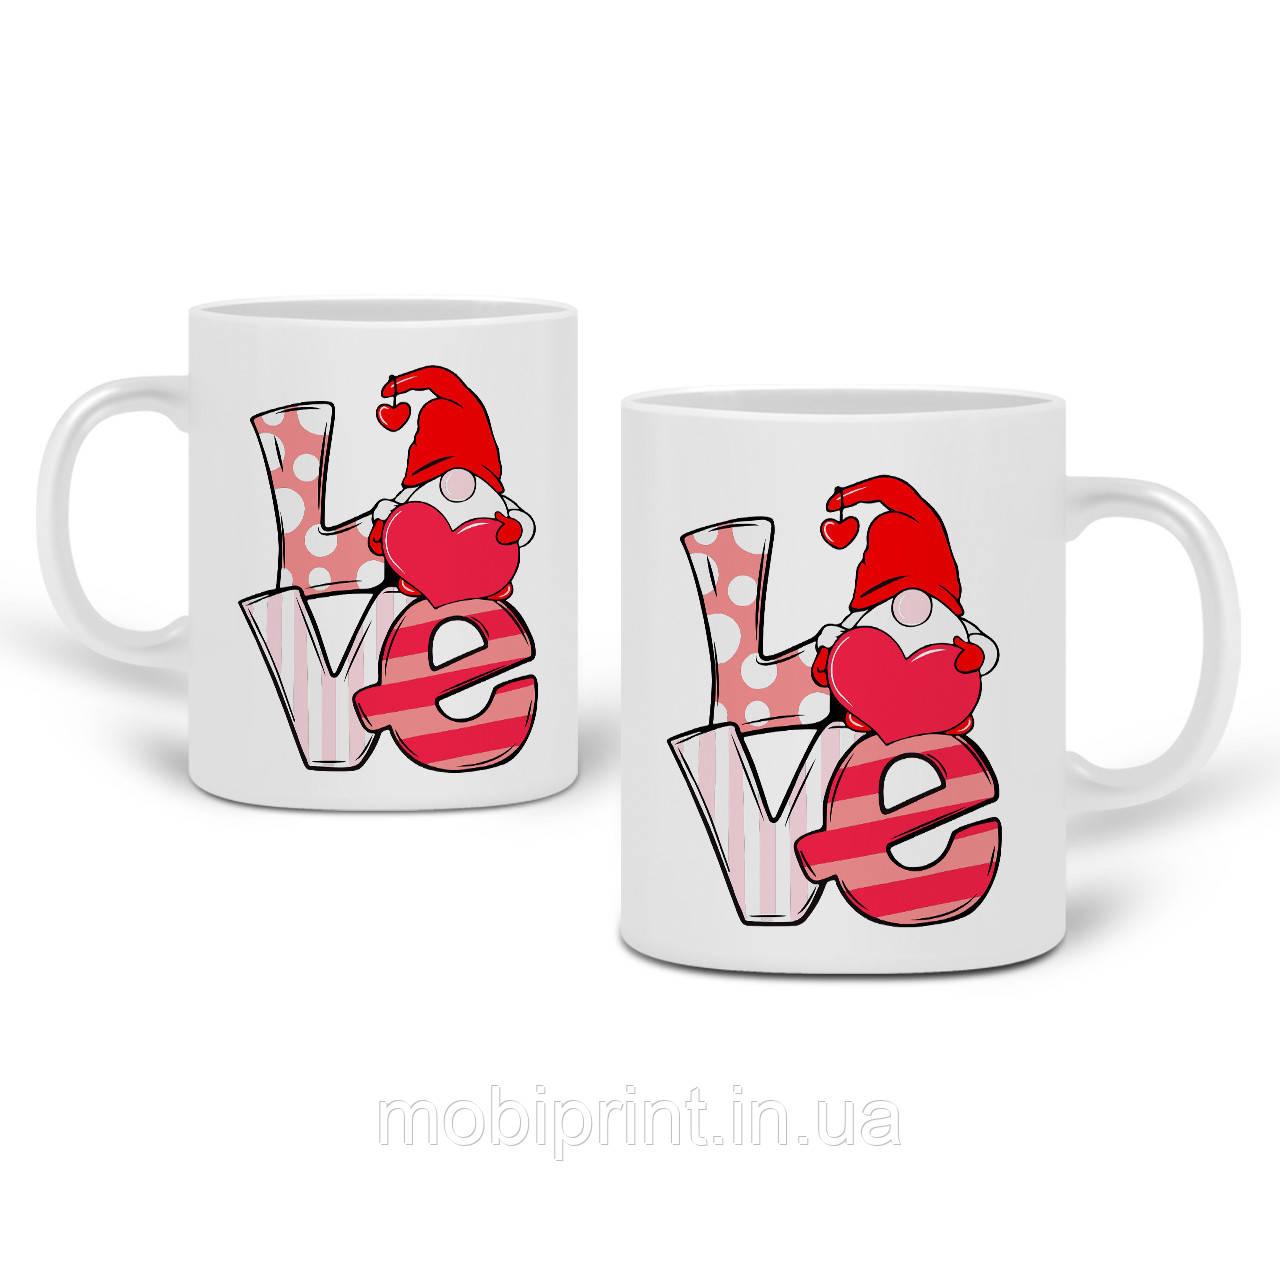 Кружка Любов (Love) 330 мл Чашка Керамічна (20259-2645)